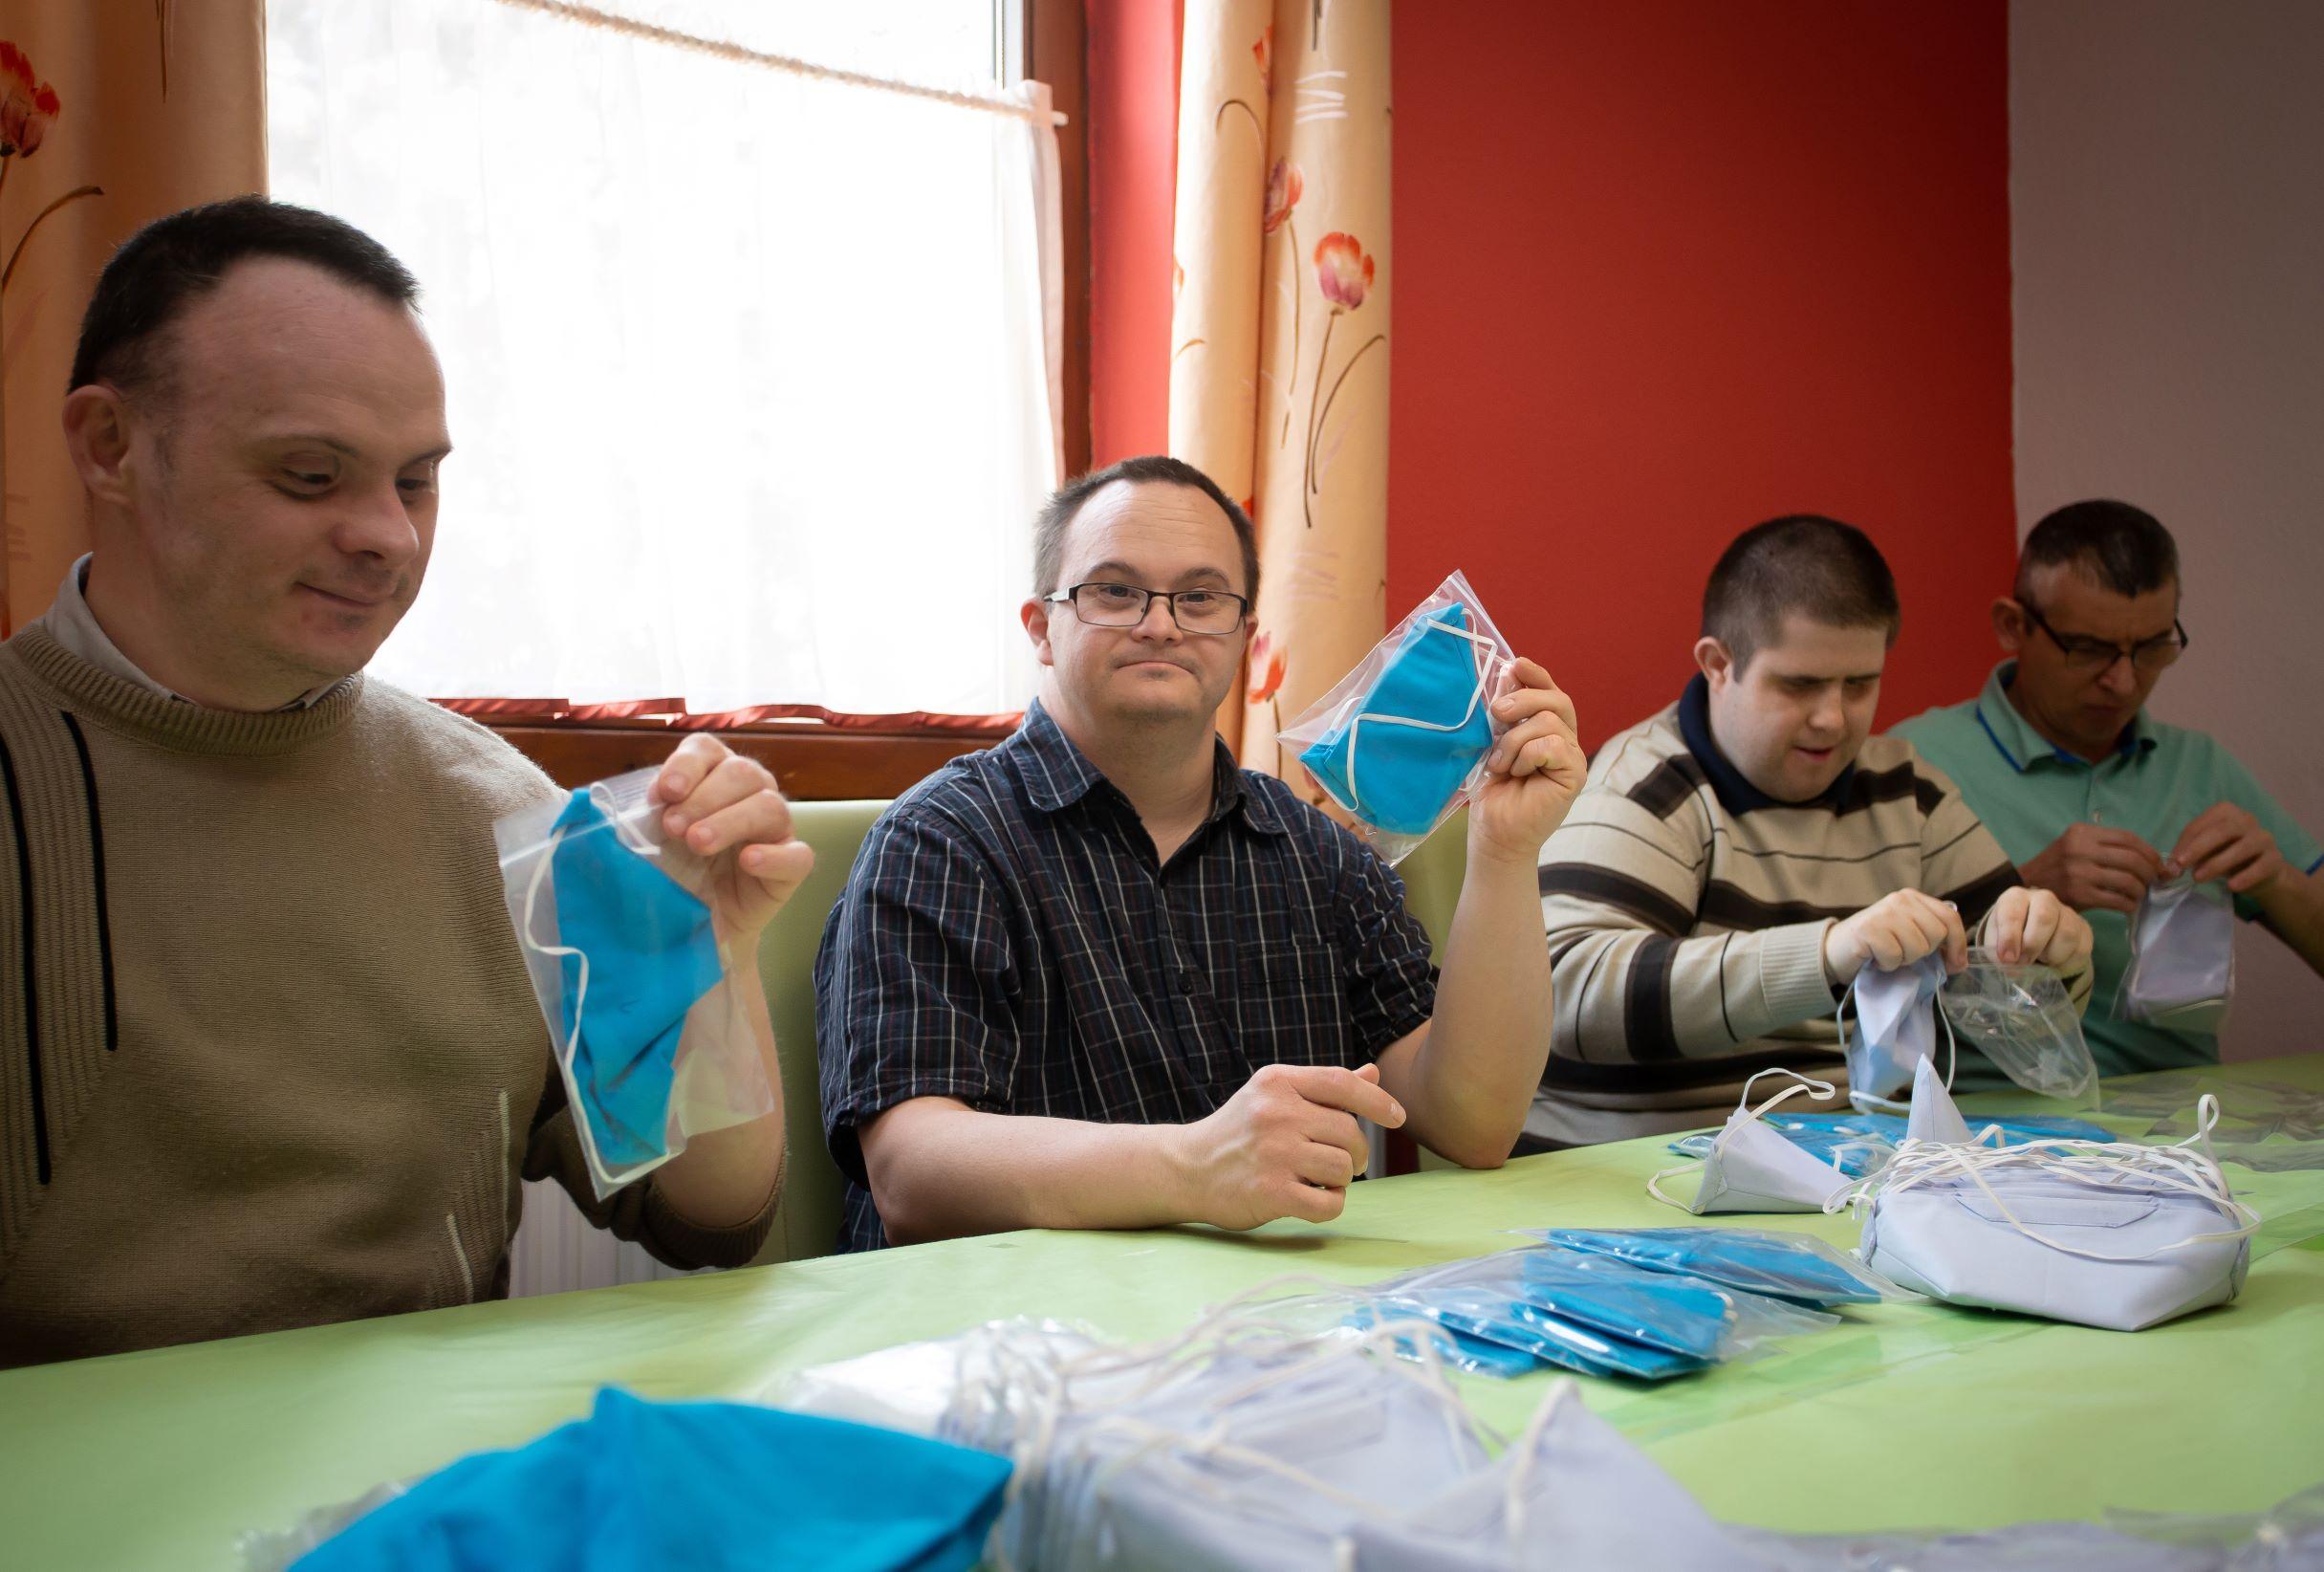 Készülnek azEPAM GENTL maszkok a a Fény Felé Alapítvány varrodájában